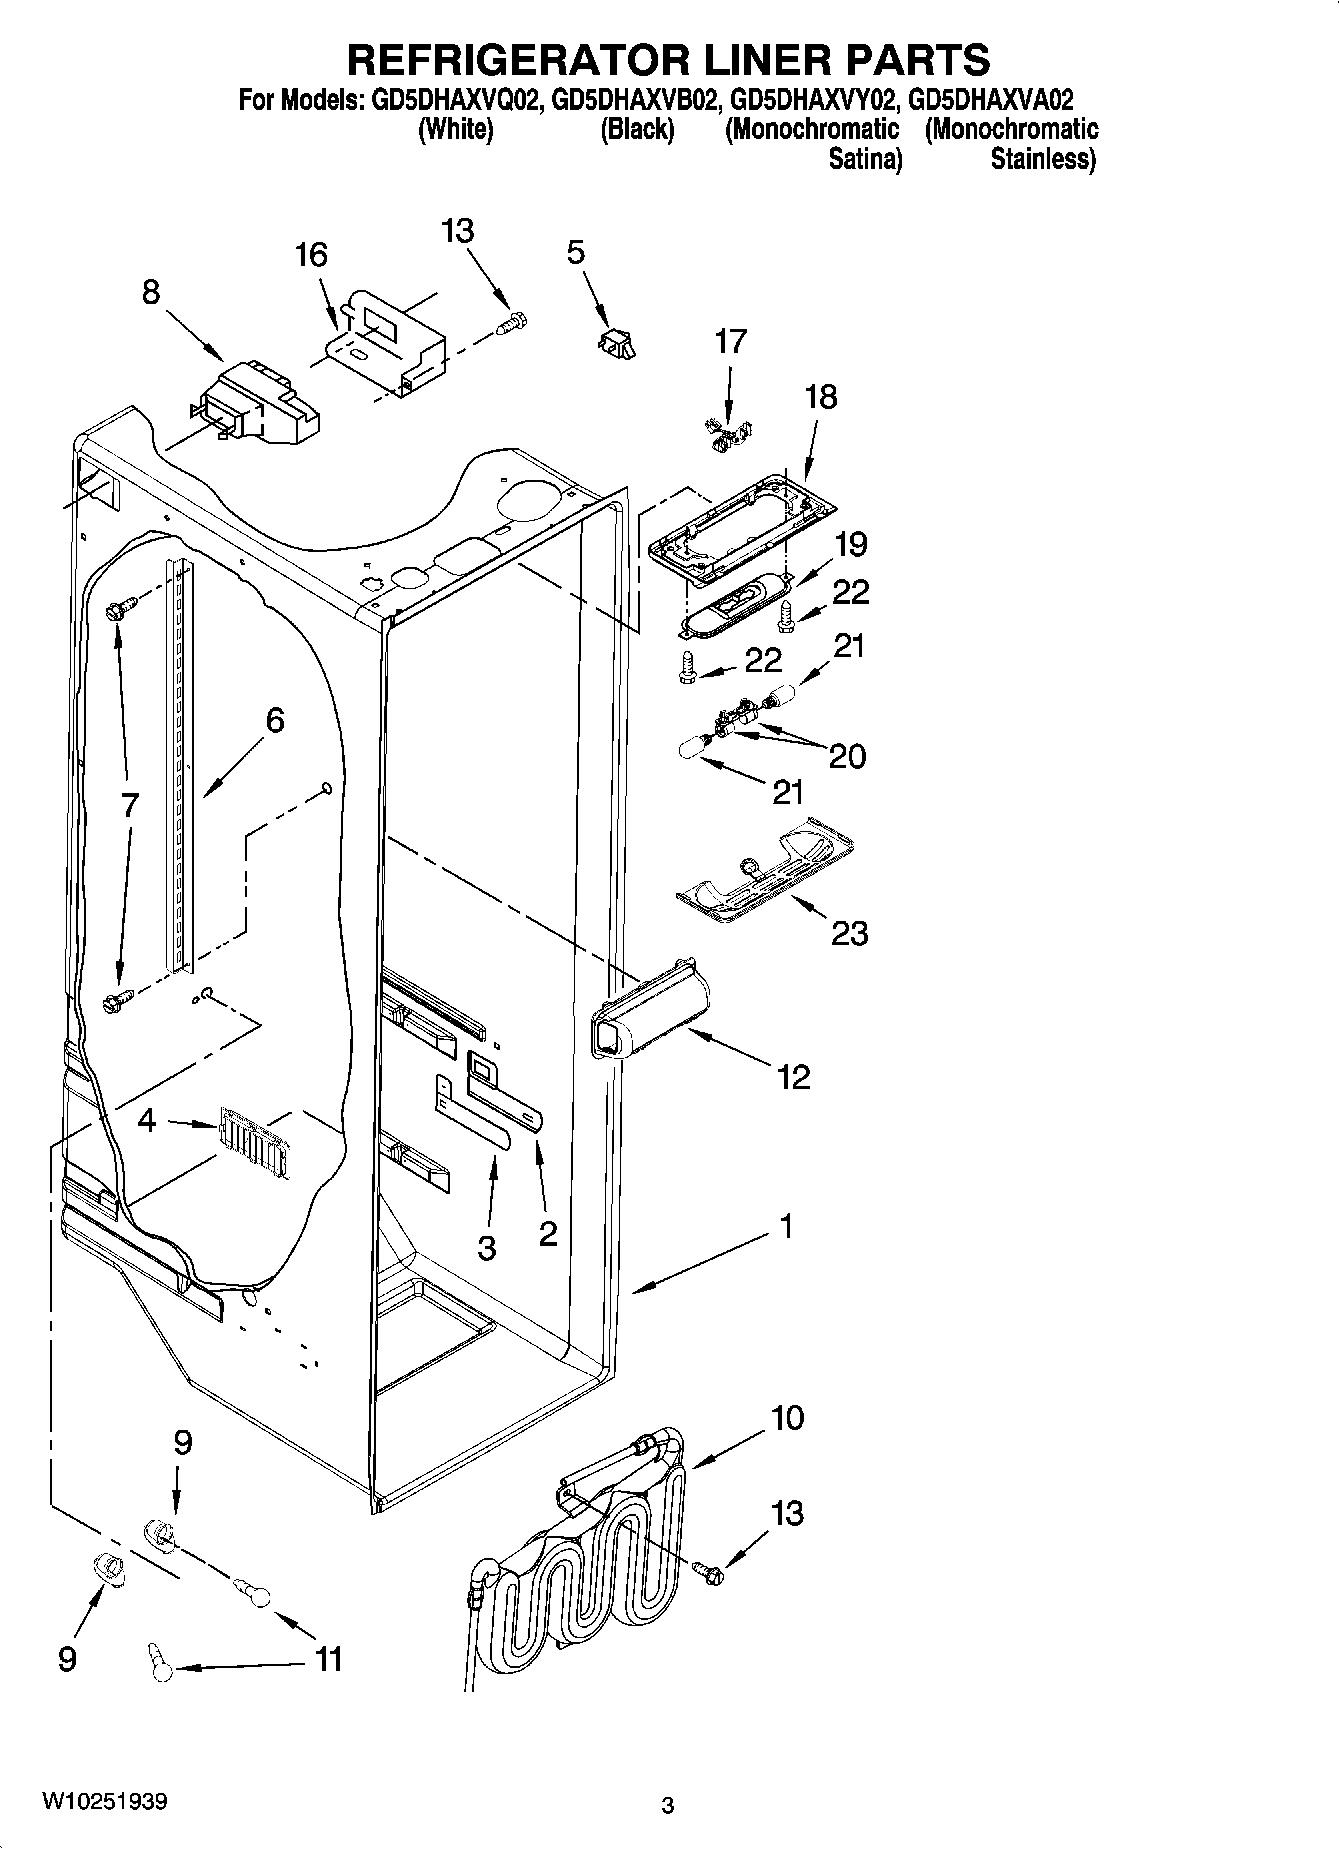 GD5DHAXVA02